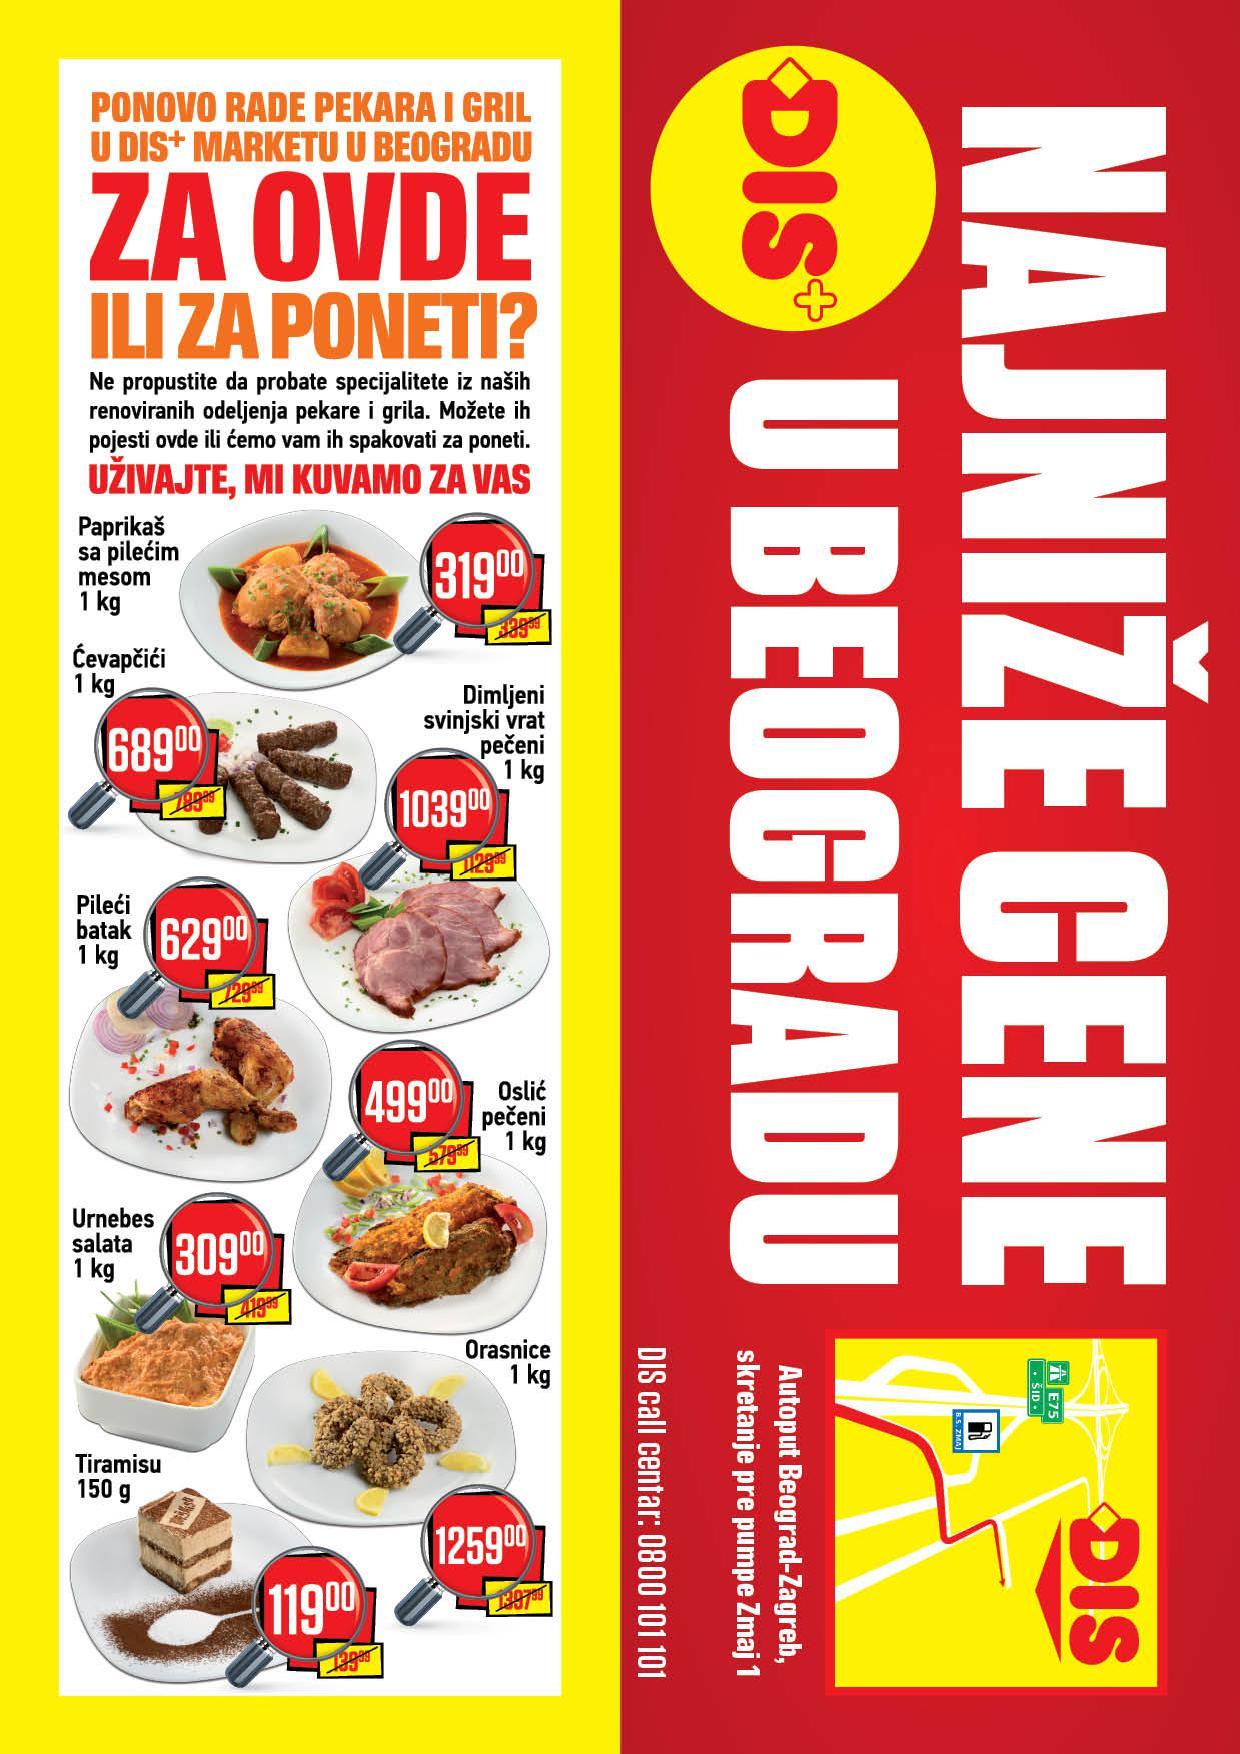 Dis katalog najniže cene u Beogradu